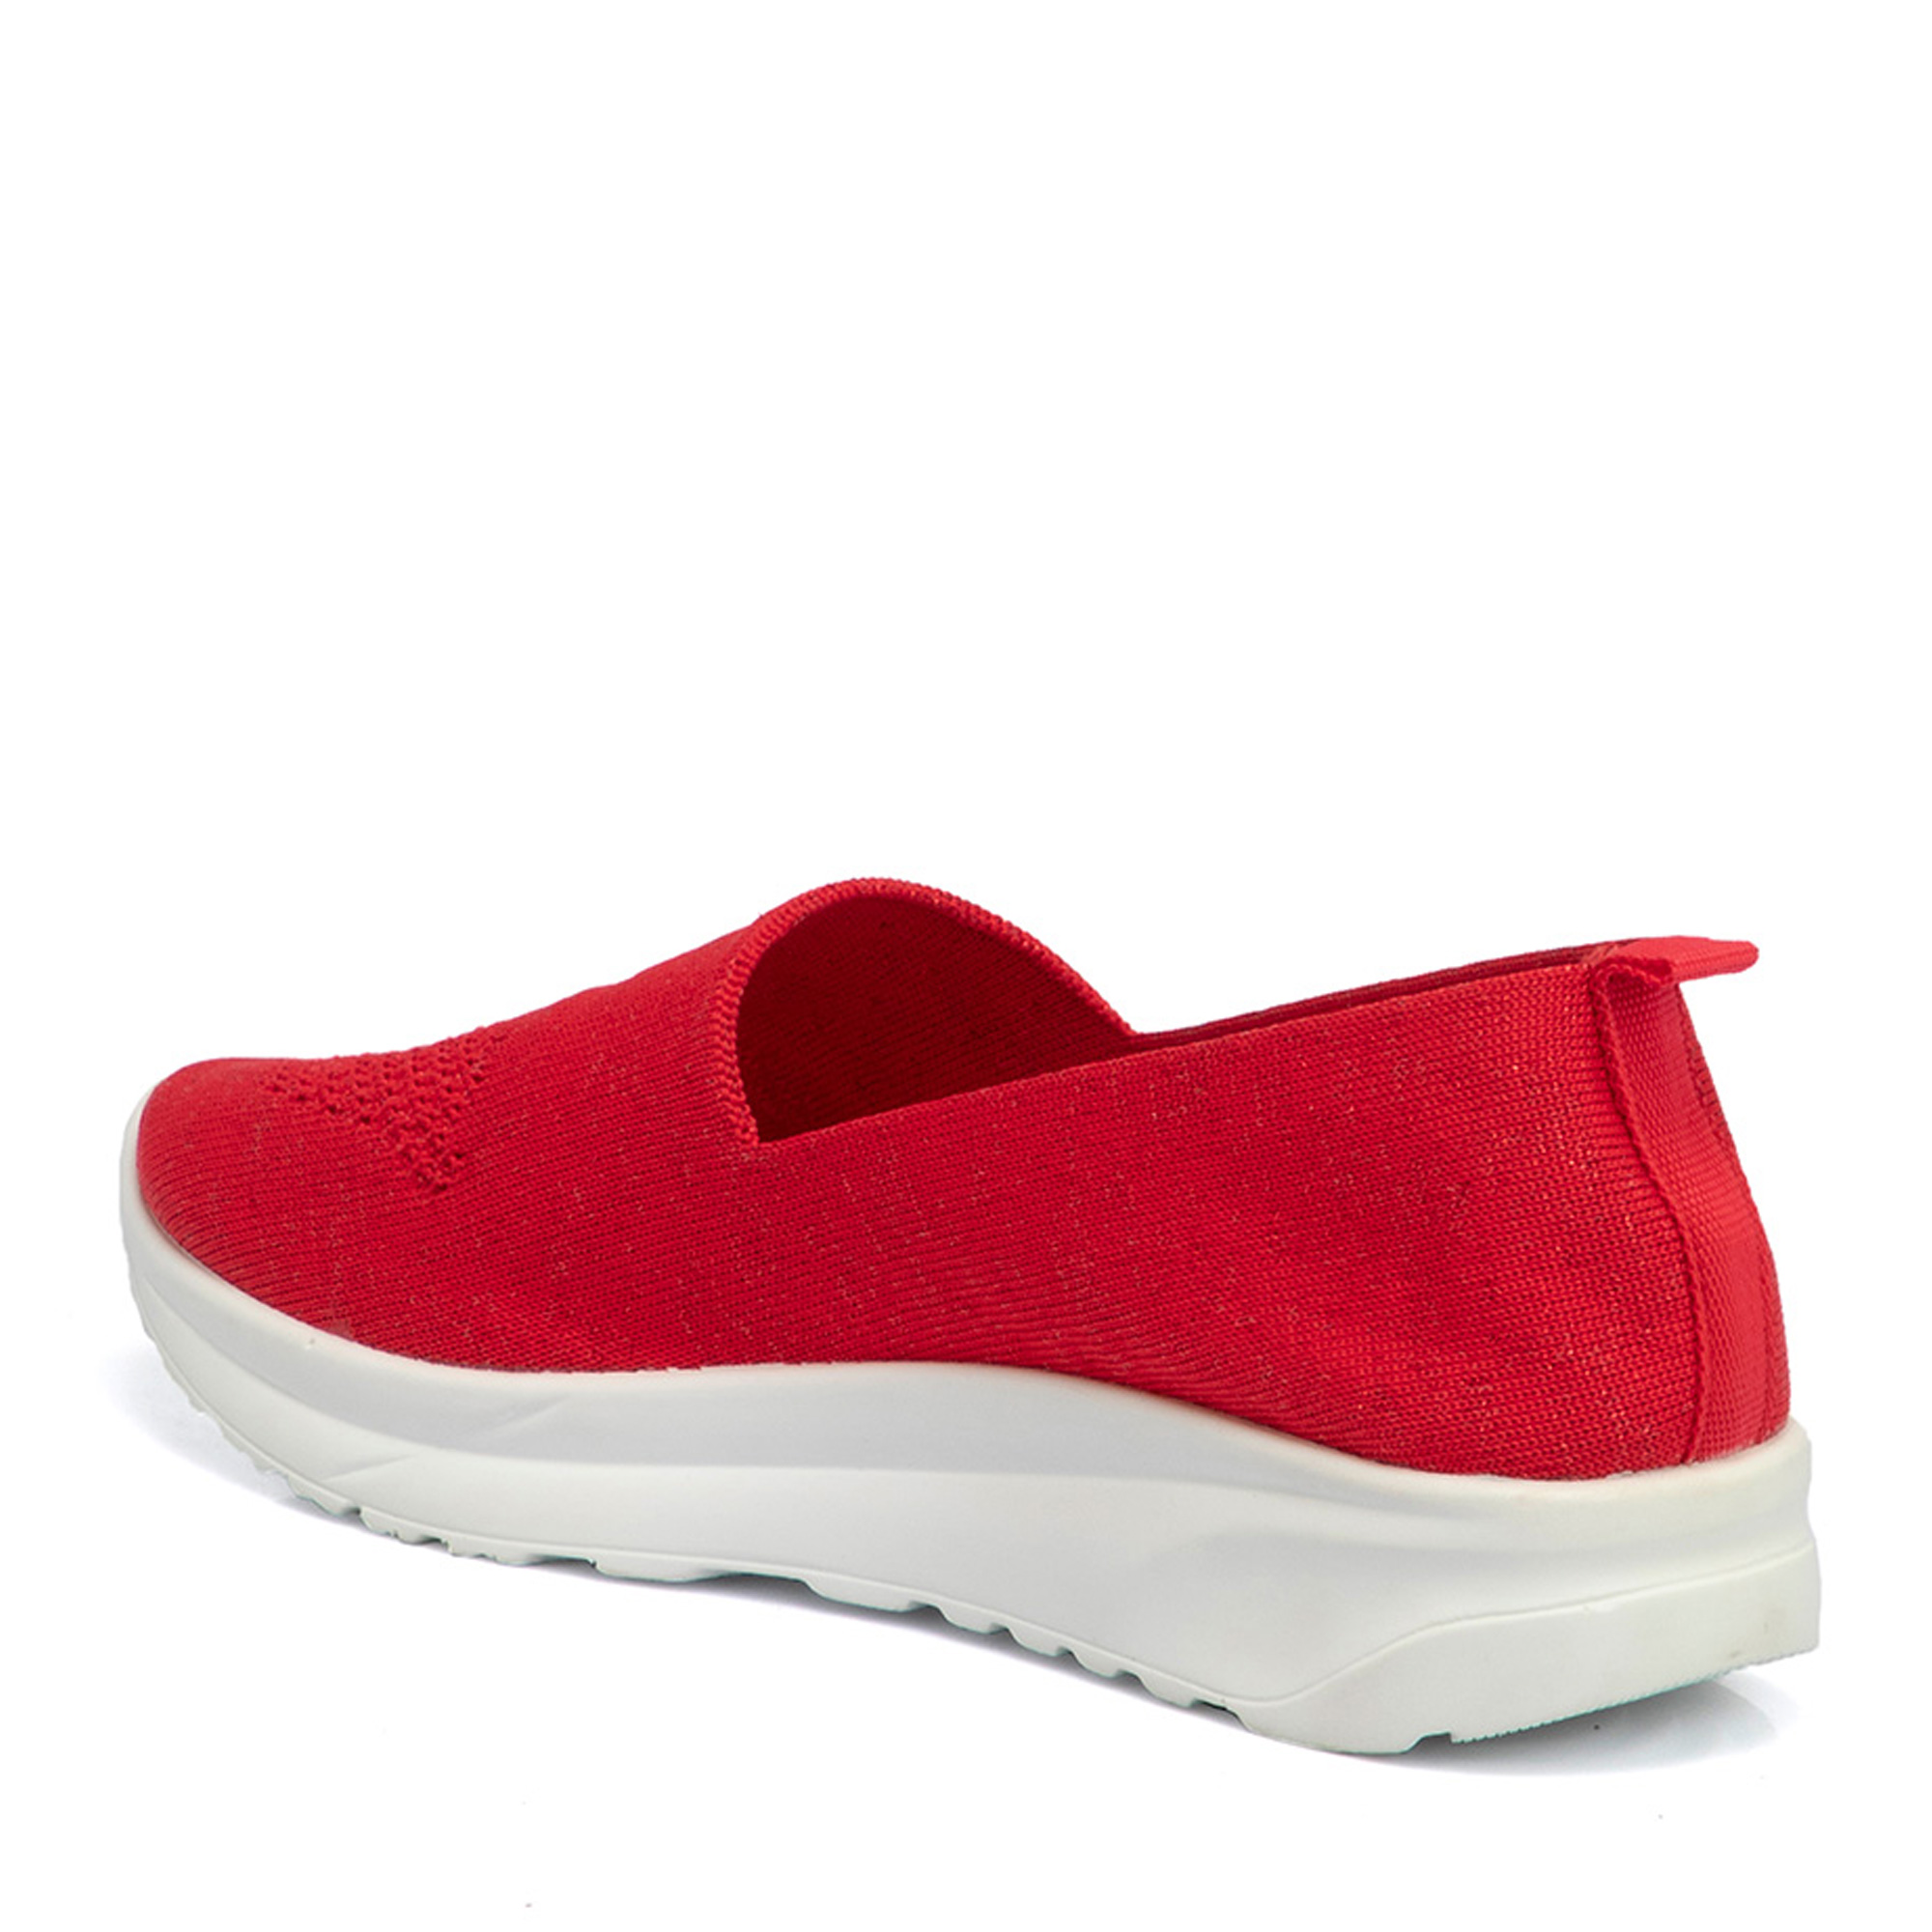 Kırmızı Deri Kadın Ayakkabı 64504D64